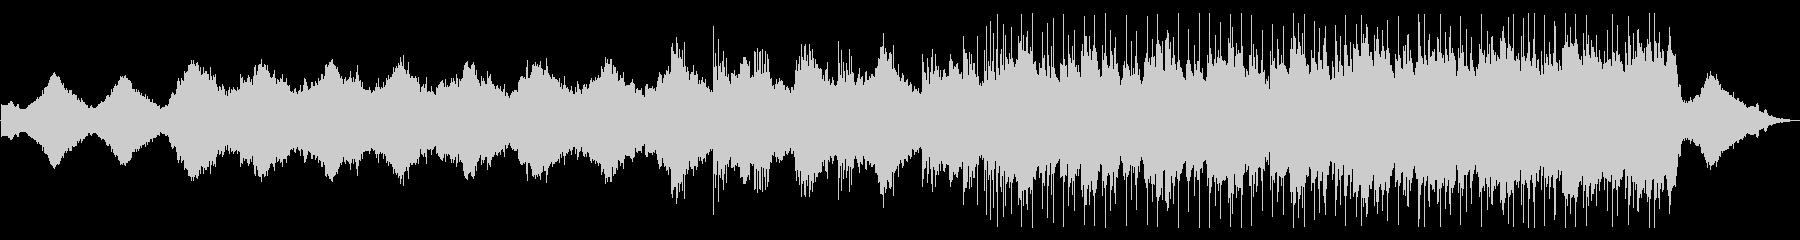 ハンスジマーオマージュのシネマティックの未再生の波形